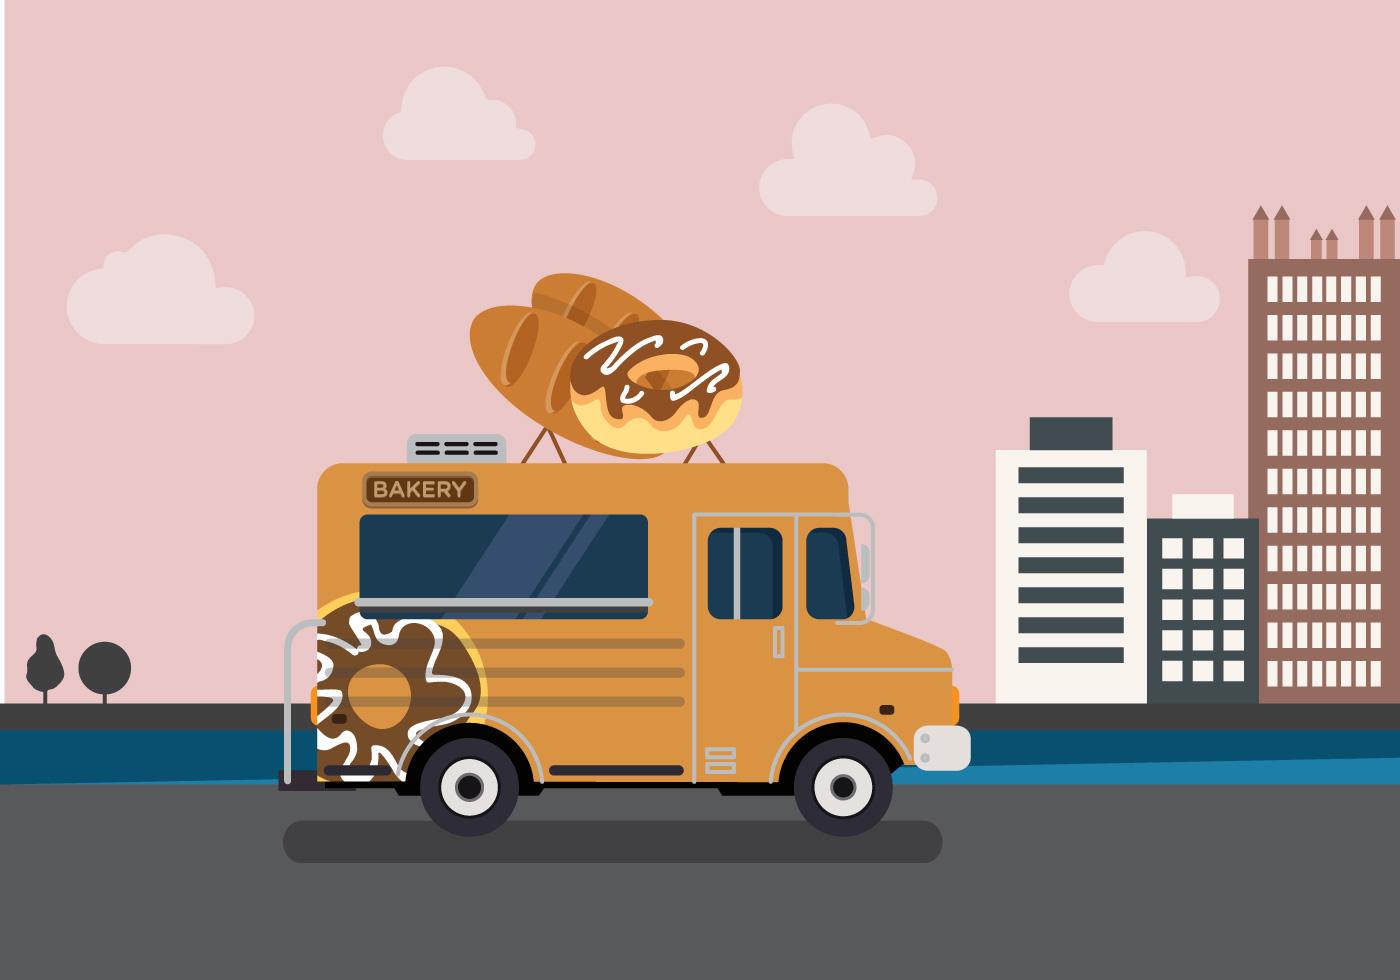 Vector Bakery Truck Download Free Vectors Clipart